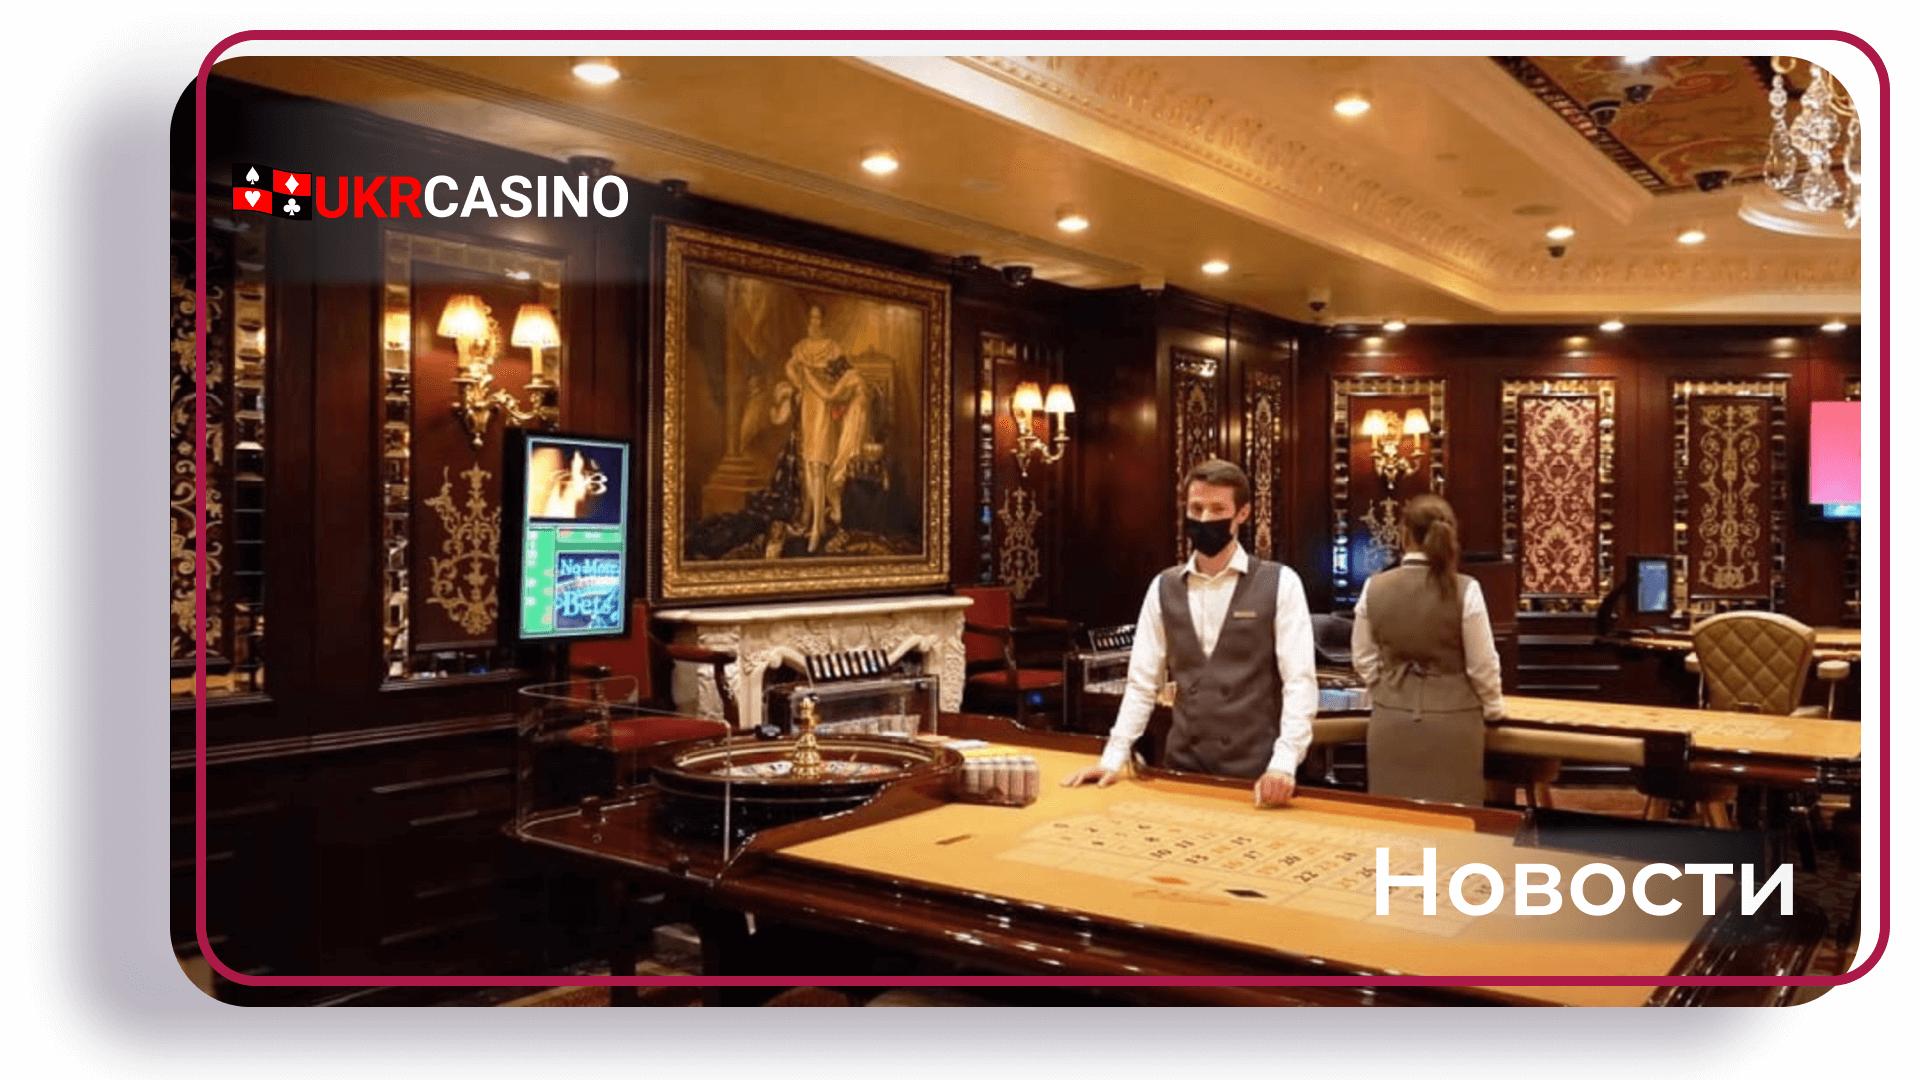 Как выглядит первое легальное казино Киева